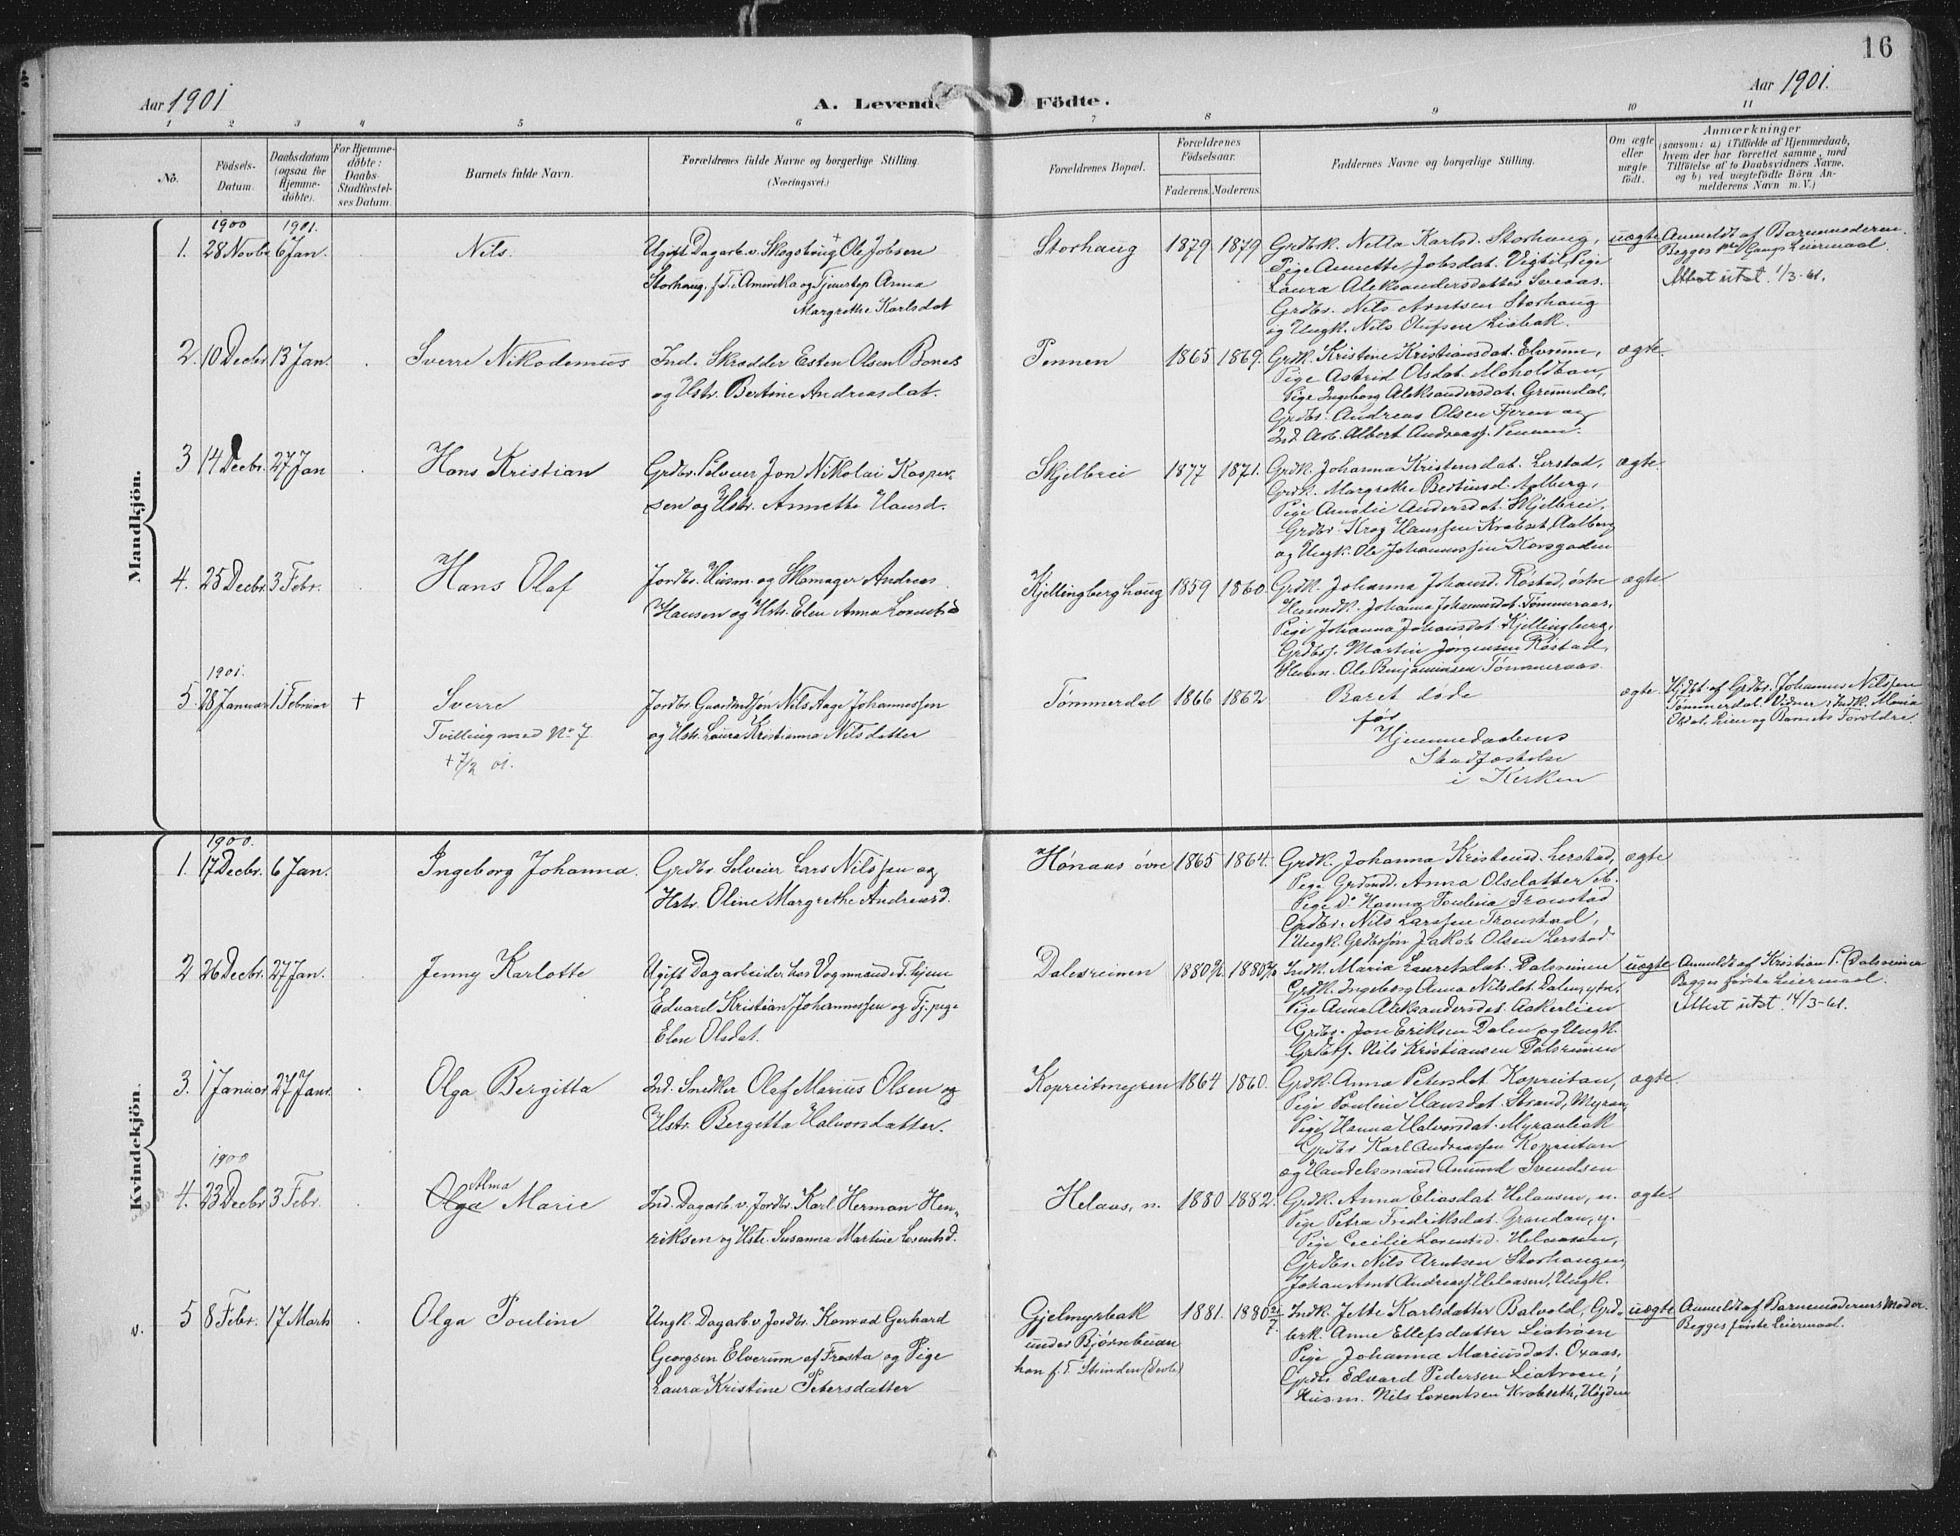 SAT, Ministerialprotokoller, klokkerbøker og fødselsregistre - Nord-Trøndelag, 701/L0011: Parish register (official) no. 701A11, 1899-1915, p. 16